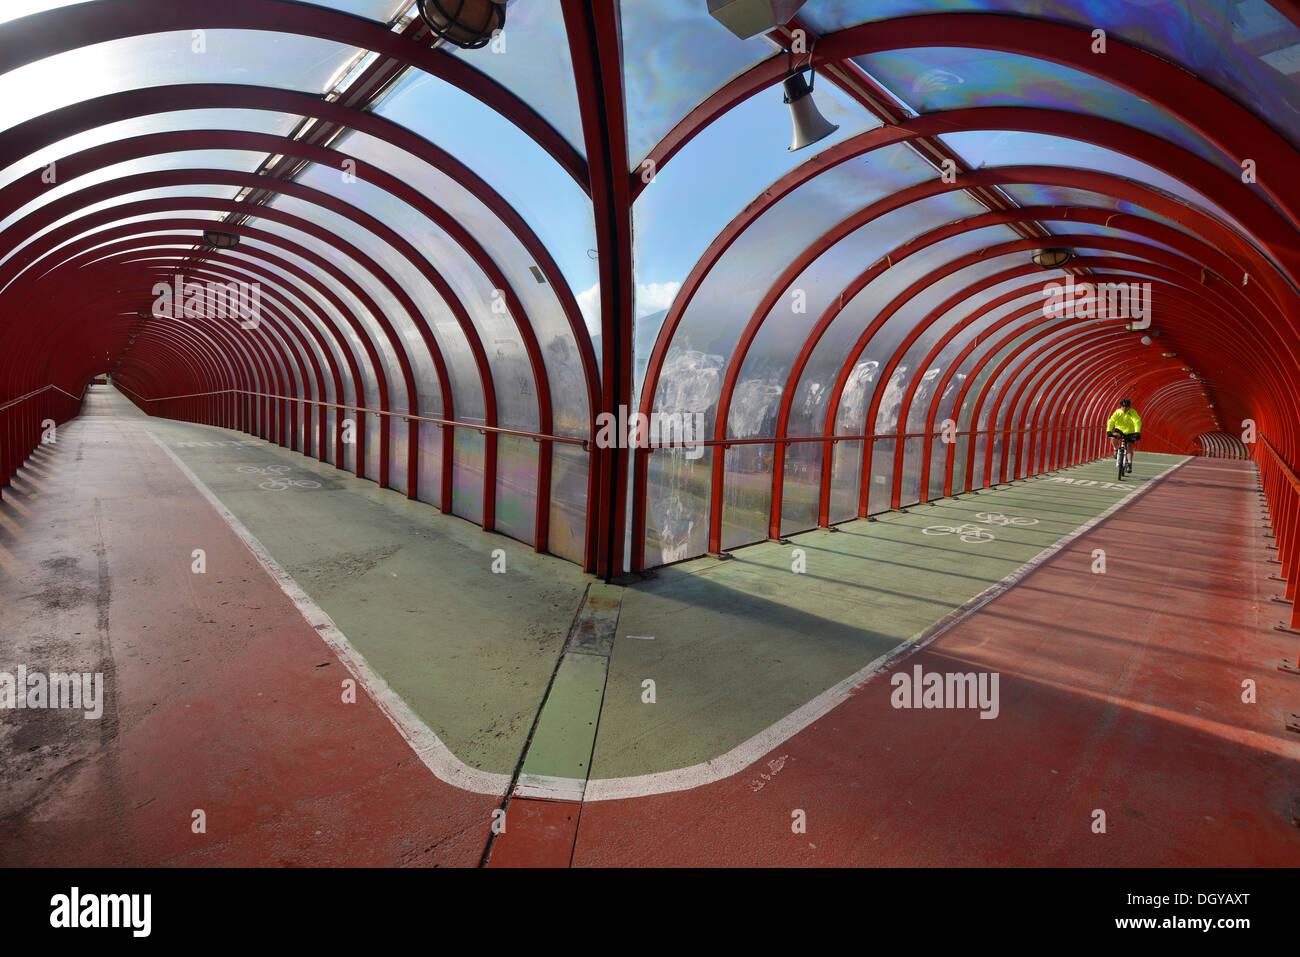 Cycliste est à cheval sur une passerelle couverte et location pont, Glasgow, Ecosse, Royaume-Uni Banque D'Images